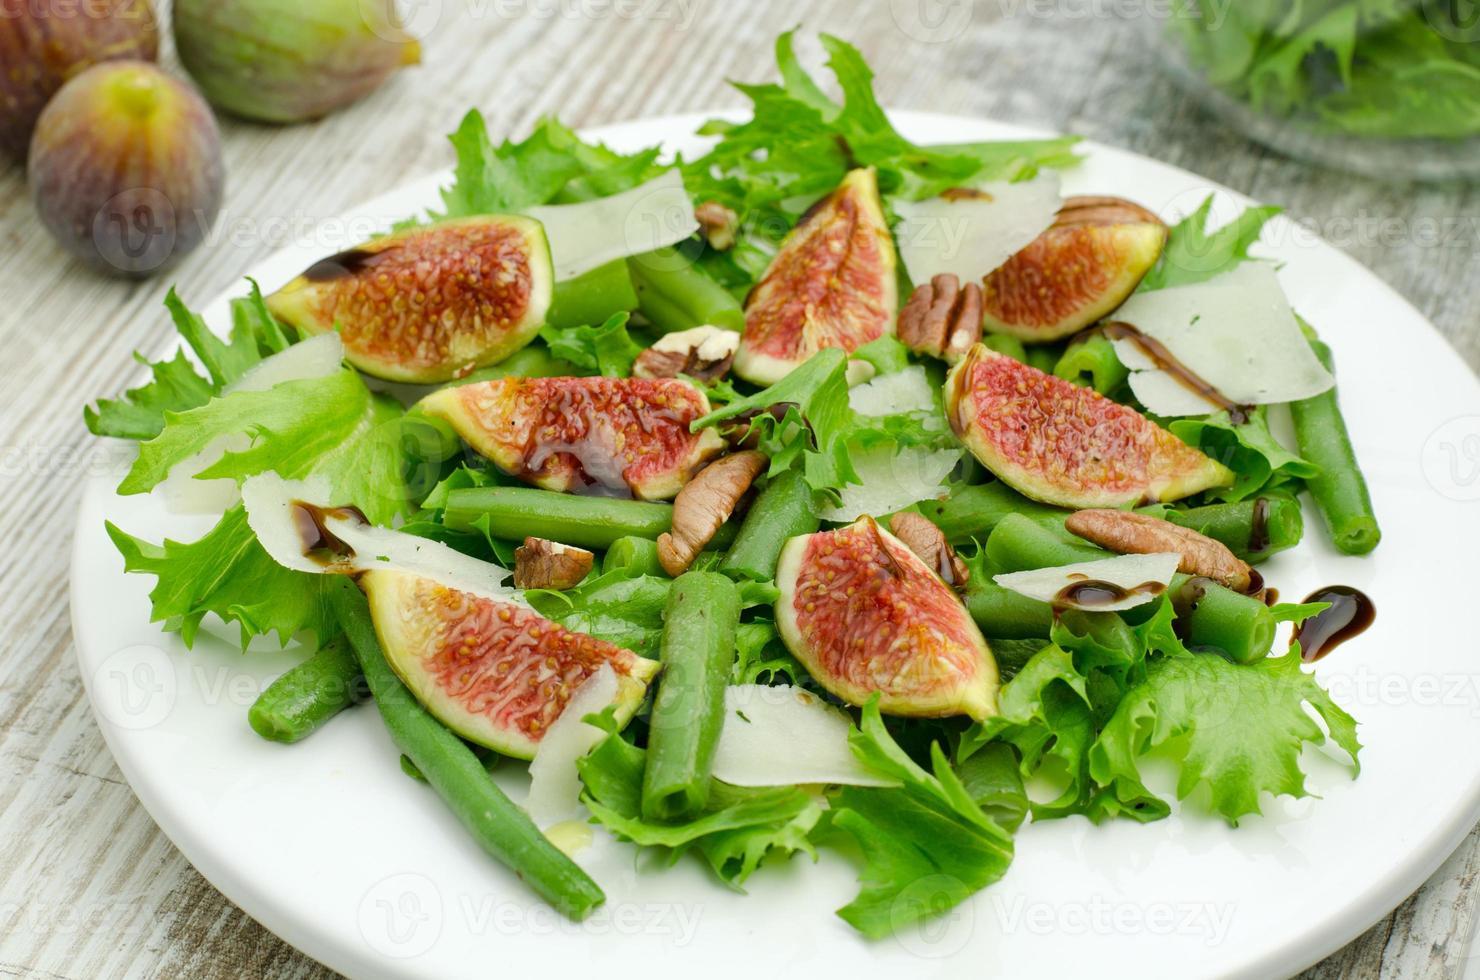 salade met vijgen foto